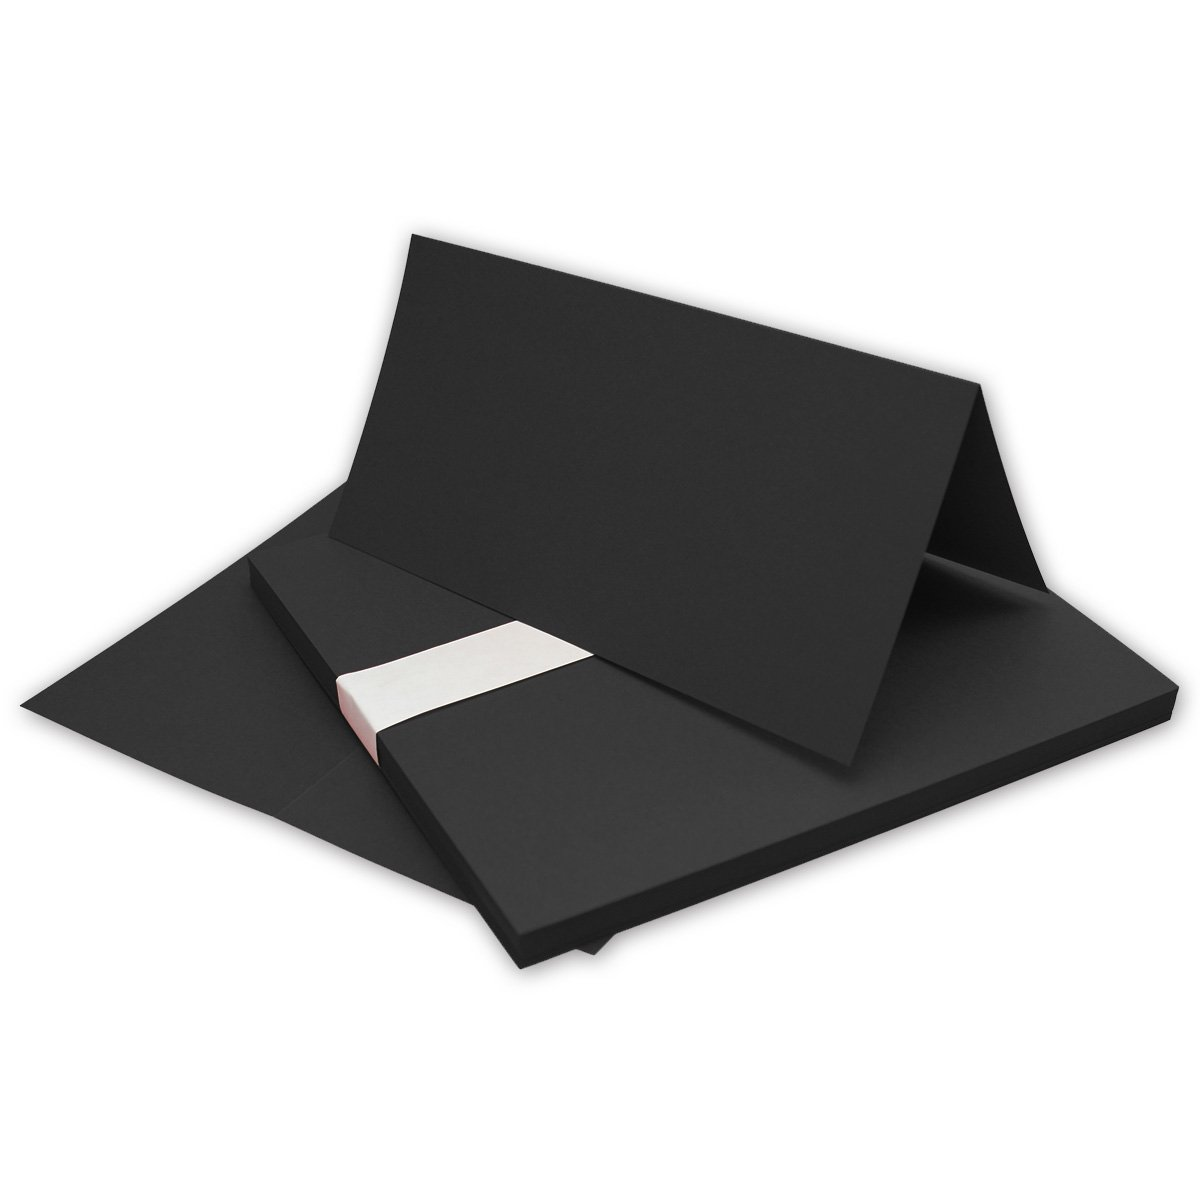 Faltkarten Din Lang   Schwarz   500 Stück   Premium Qualität - 10,5 x 21 cm - Sehr formstabil -Ideal für Grußkarten und Einladungen - Qualitätsmarke  NEUSER FarbenFroh B07FKSXMWC |